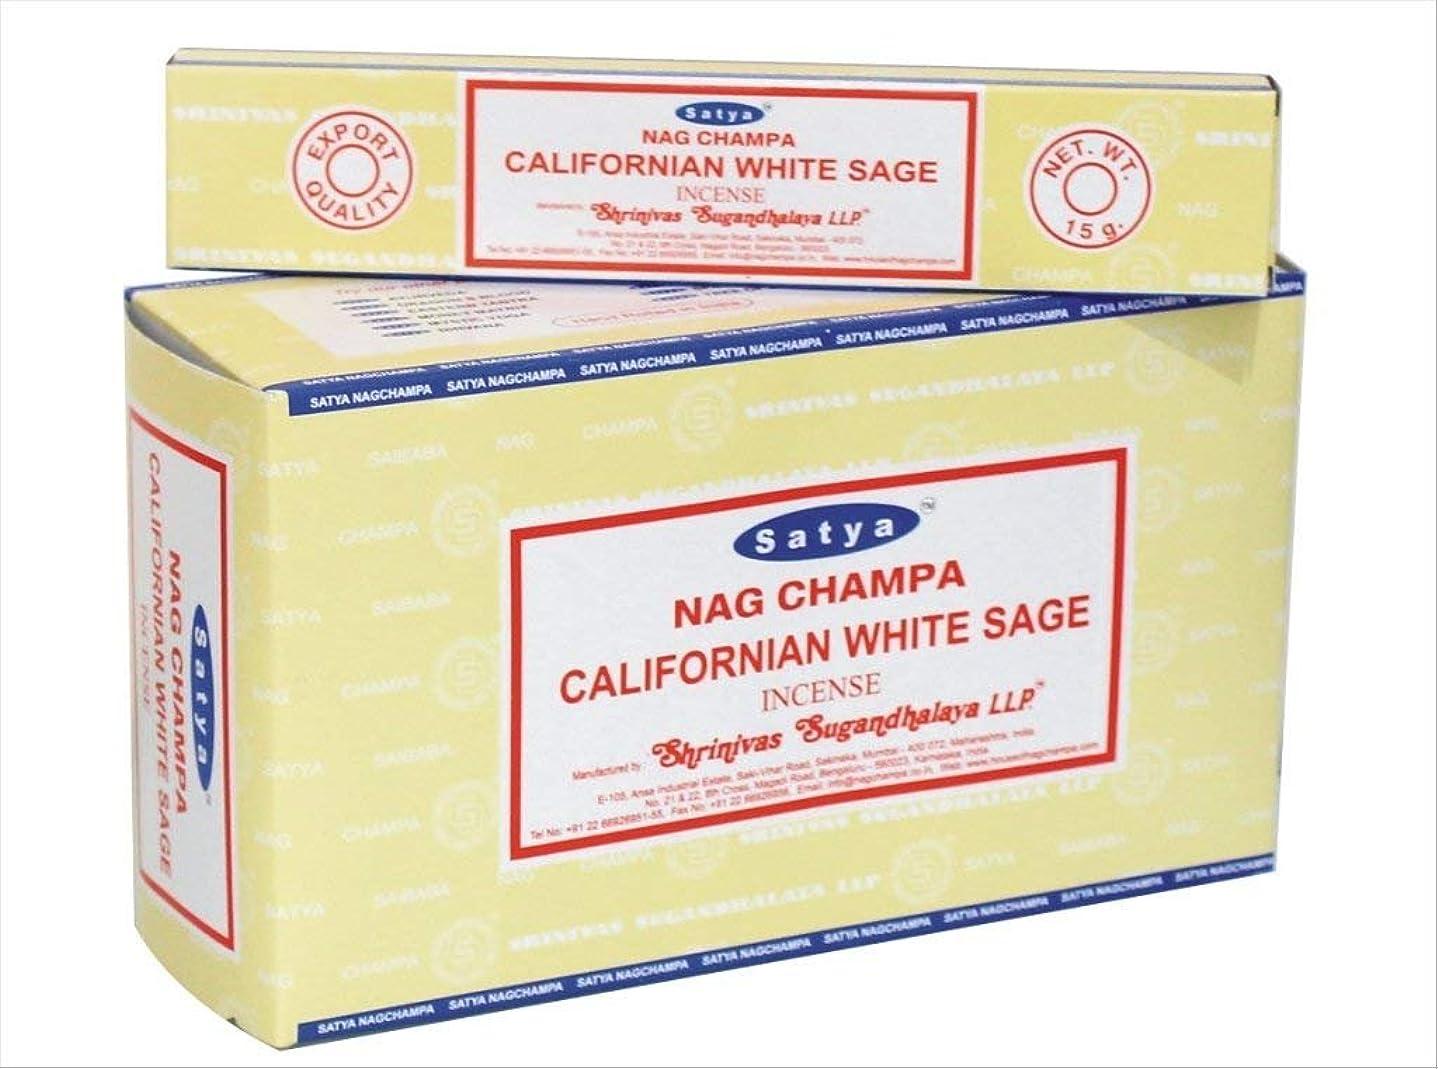 オリエンテーション浪費海洋chi-city Mall Satya Nag Champa Californianホワイトセージお香|署名Fragrance | Net Wt : 15?g x 12ボックス= 180?g | Exclusivelyインド製|エクスポート品質| handrolled非毒性Incense